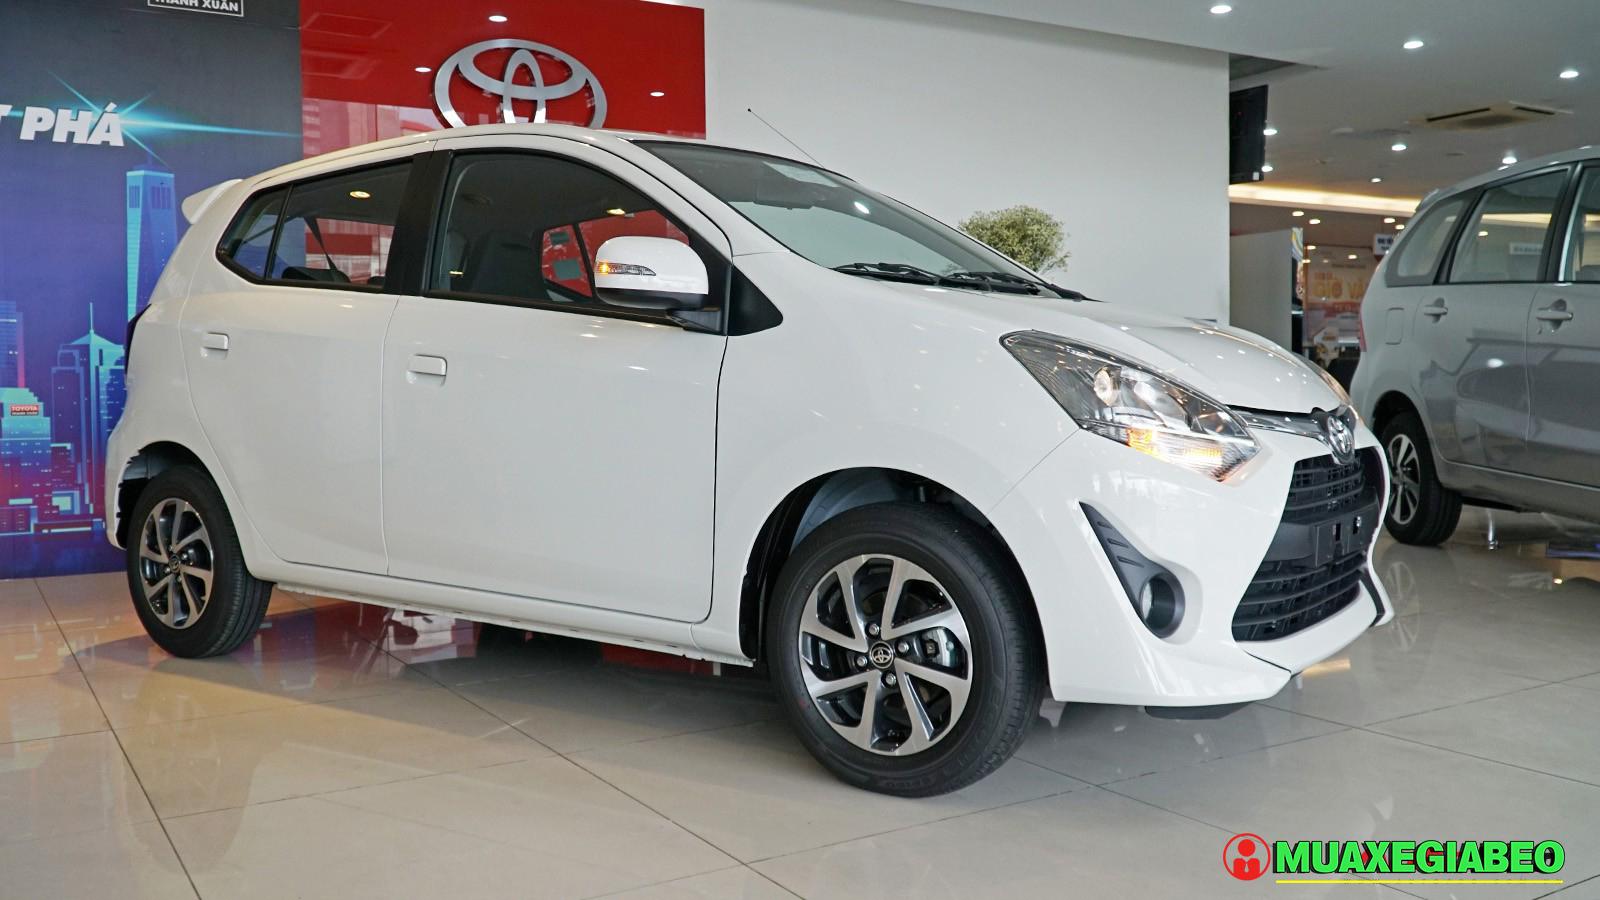 Đánh giá tổng quan về Toyota Wigo AT số tự động phiên bản cao cấp ảnh 7 - Wigo 1.2AT [hienthinam] (số tự động): giá xe và khuyến mãi mới